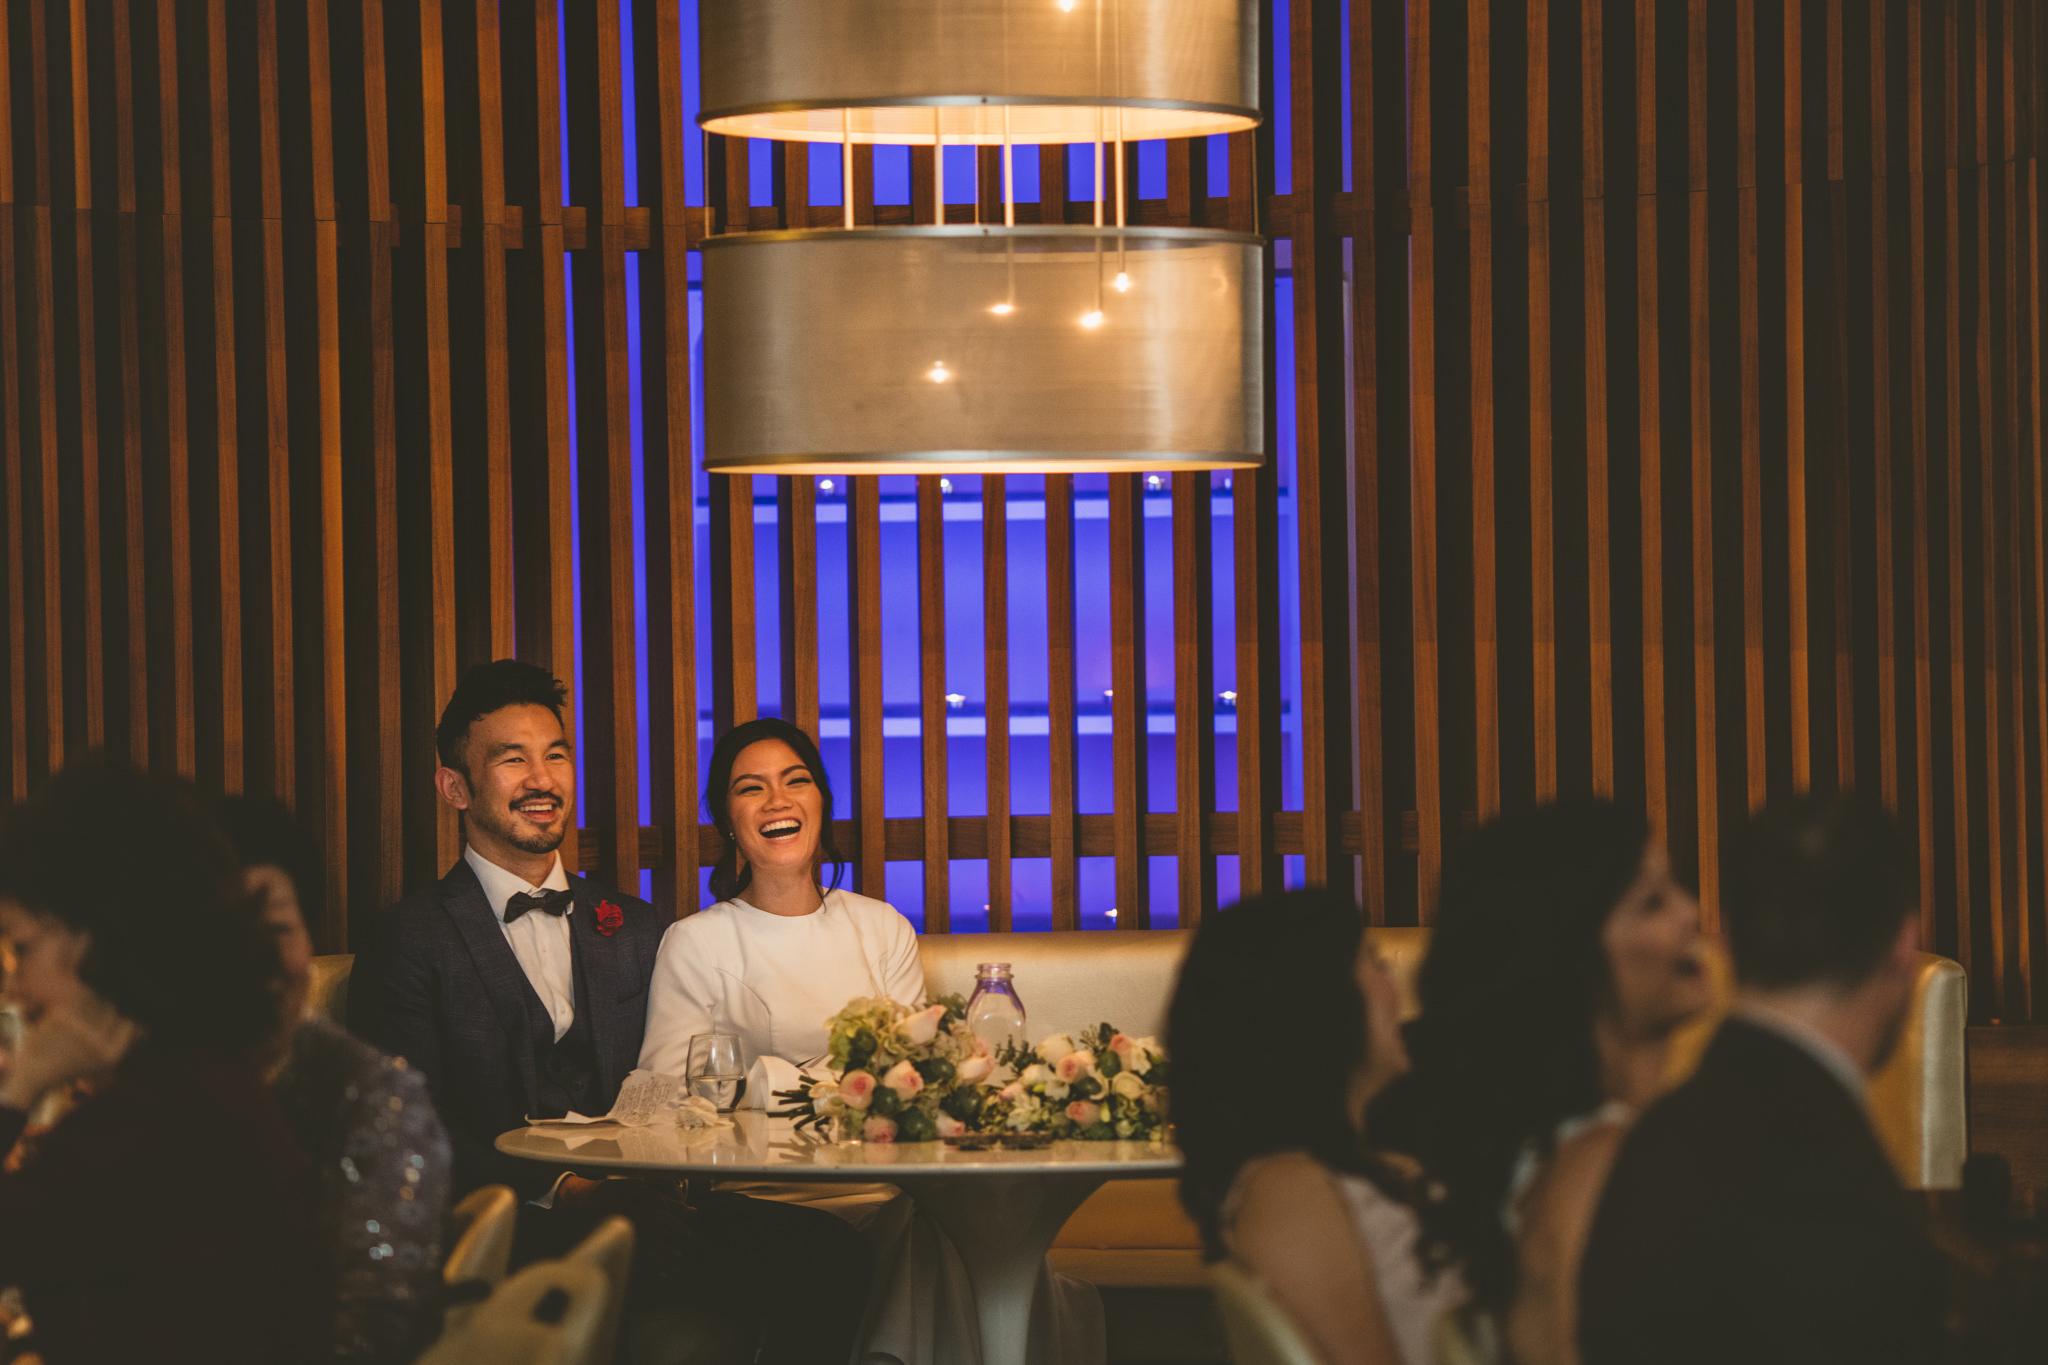 mildreds temple kitchen wedding 710 - Mildred's Temple Kitchen Wedding